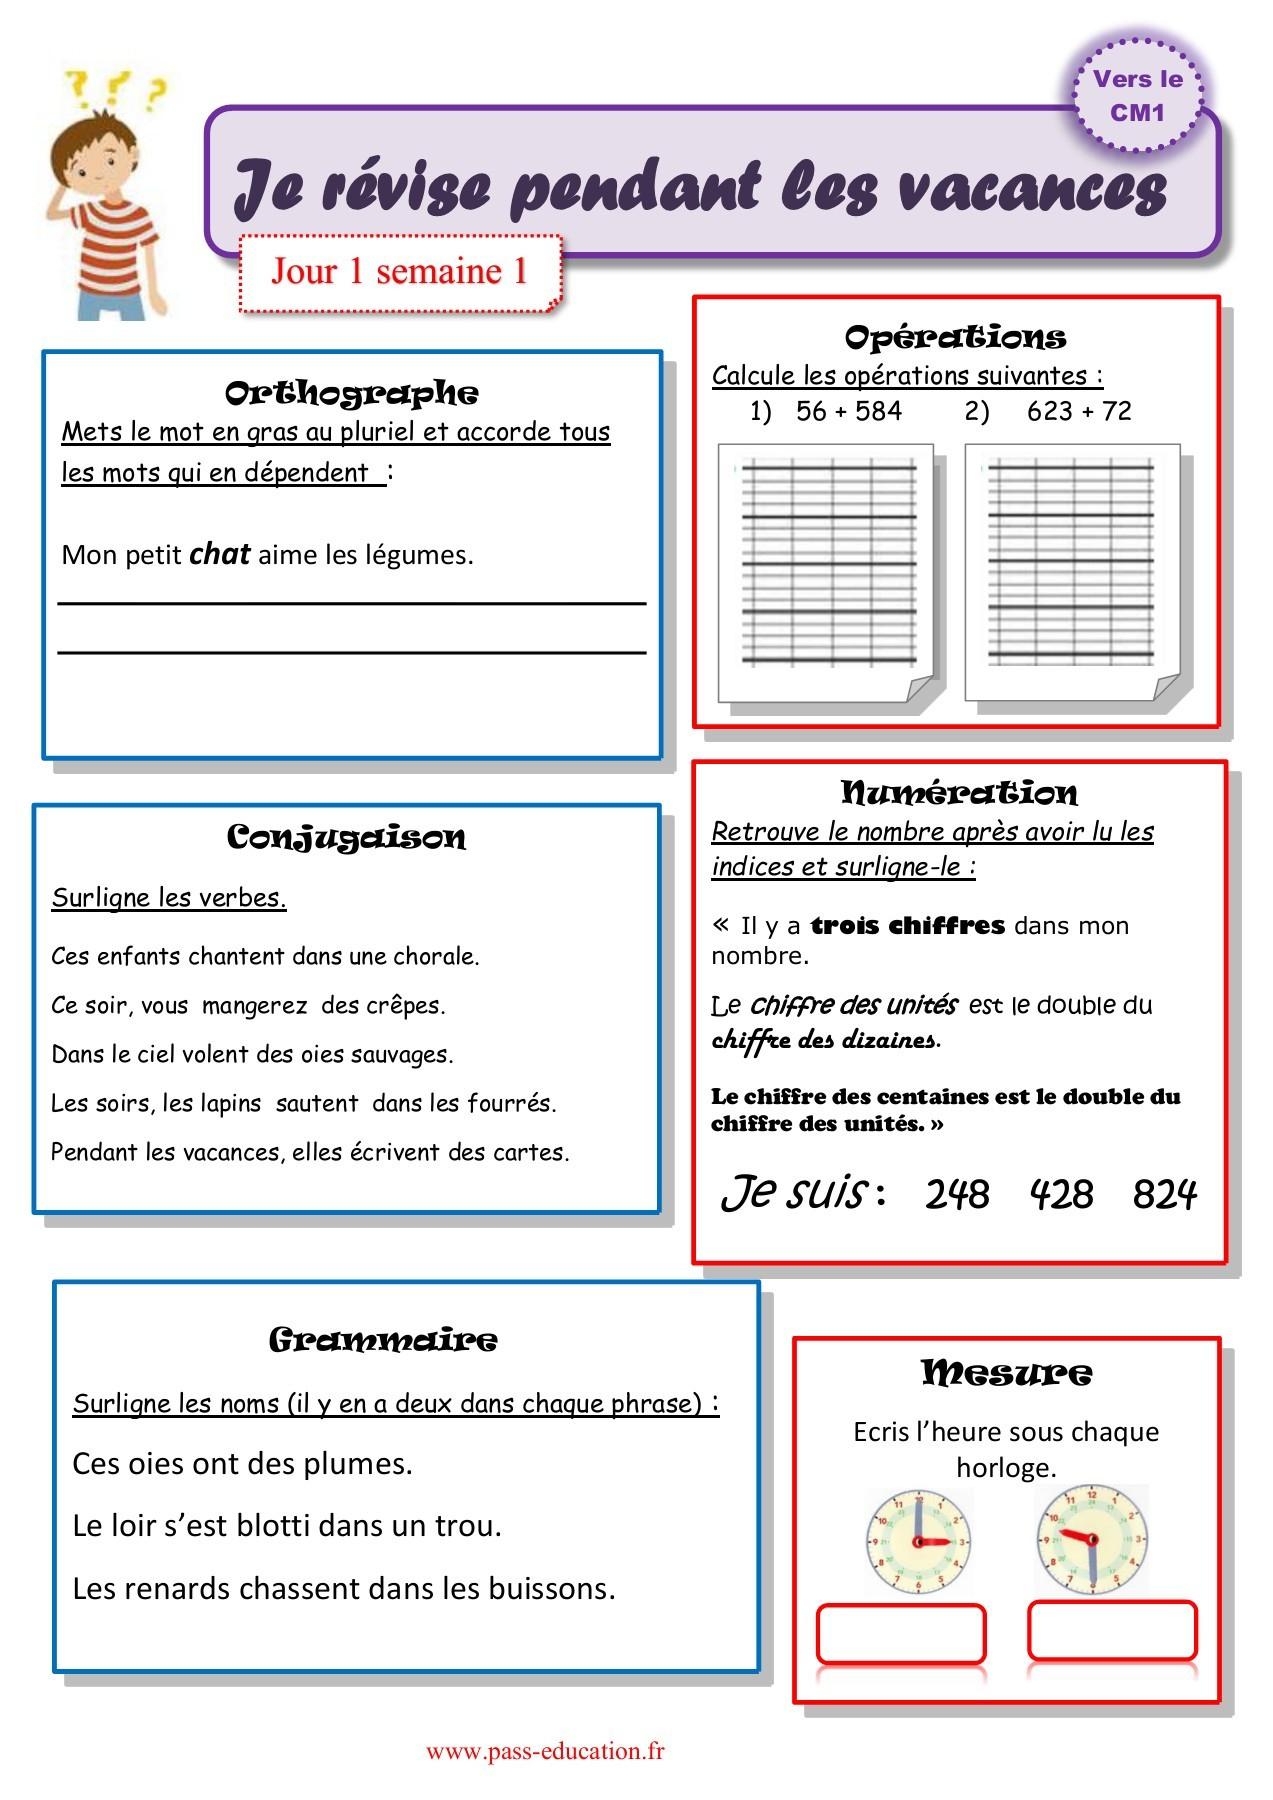 Cahier De Vacances Gratuit À Imprimer - Ce2 Vers Le Cm1 intérieur Cahier De Vacances À Télécharger Gratuitement